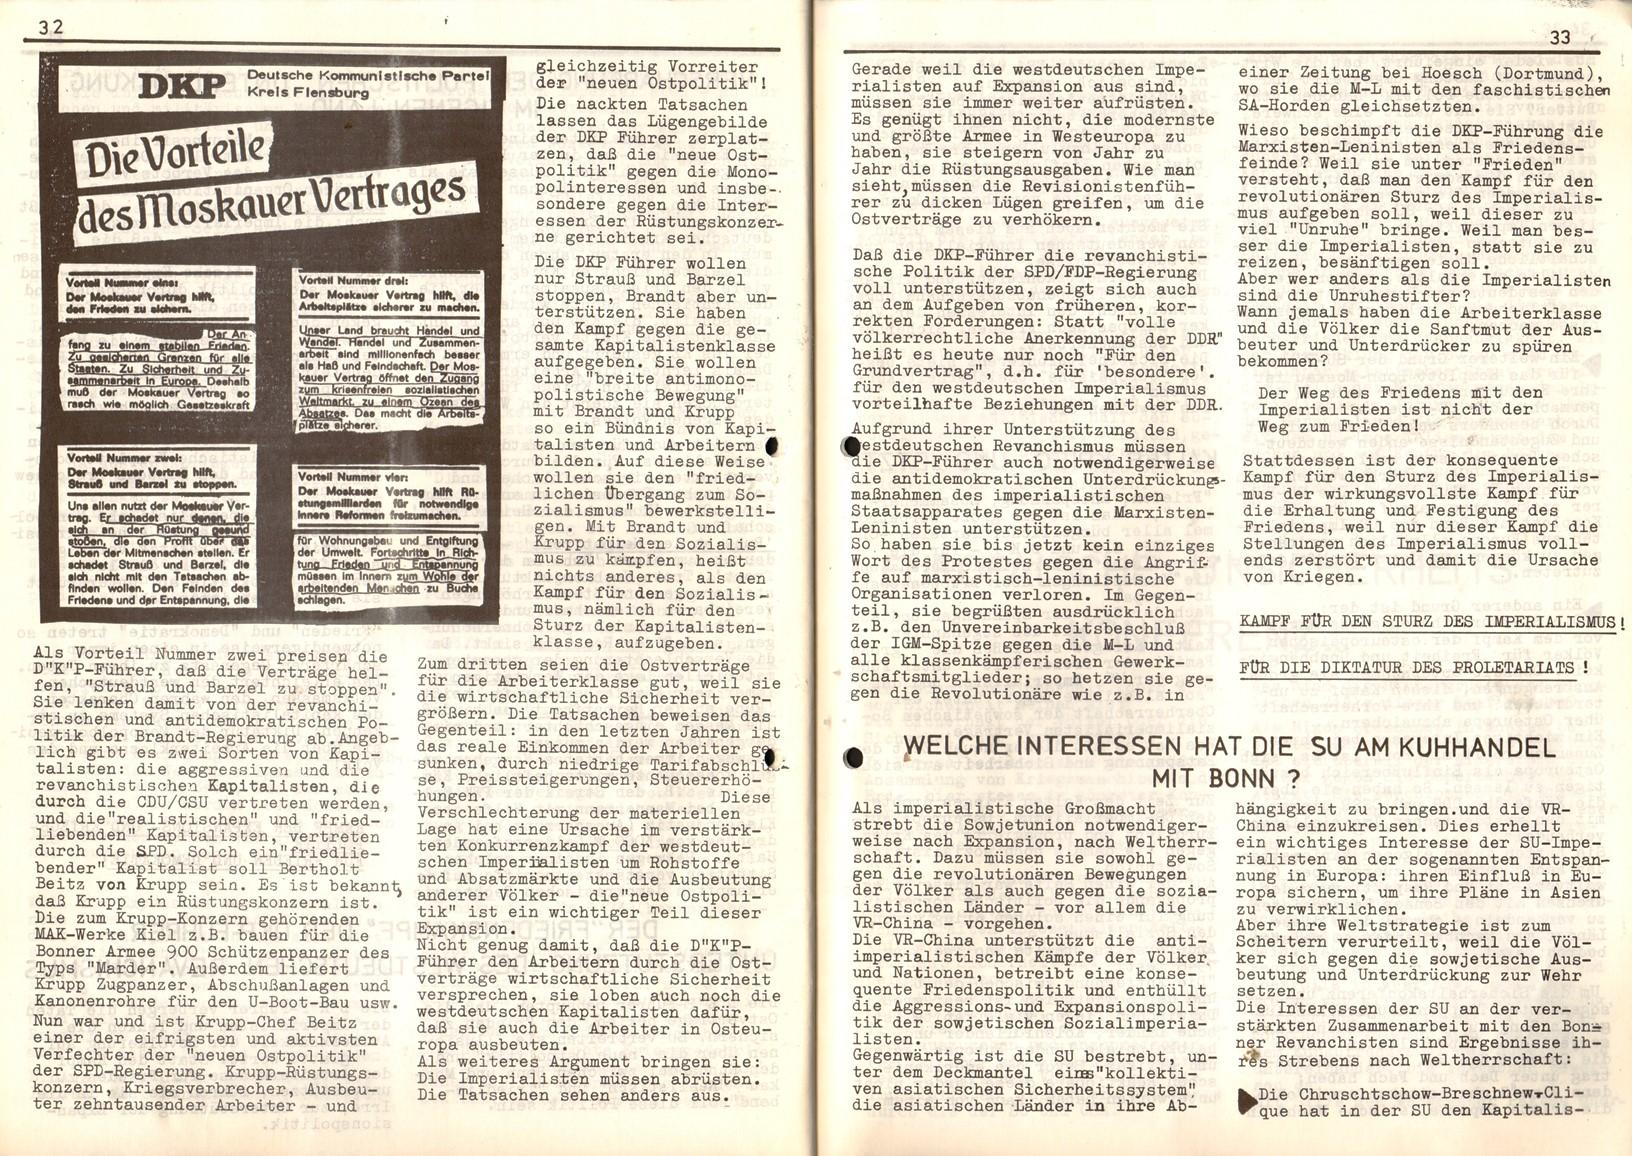 ML_Aachen_Bochum_Duisburg_1973_Breschnew_in_Bonn_17